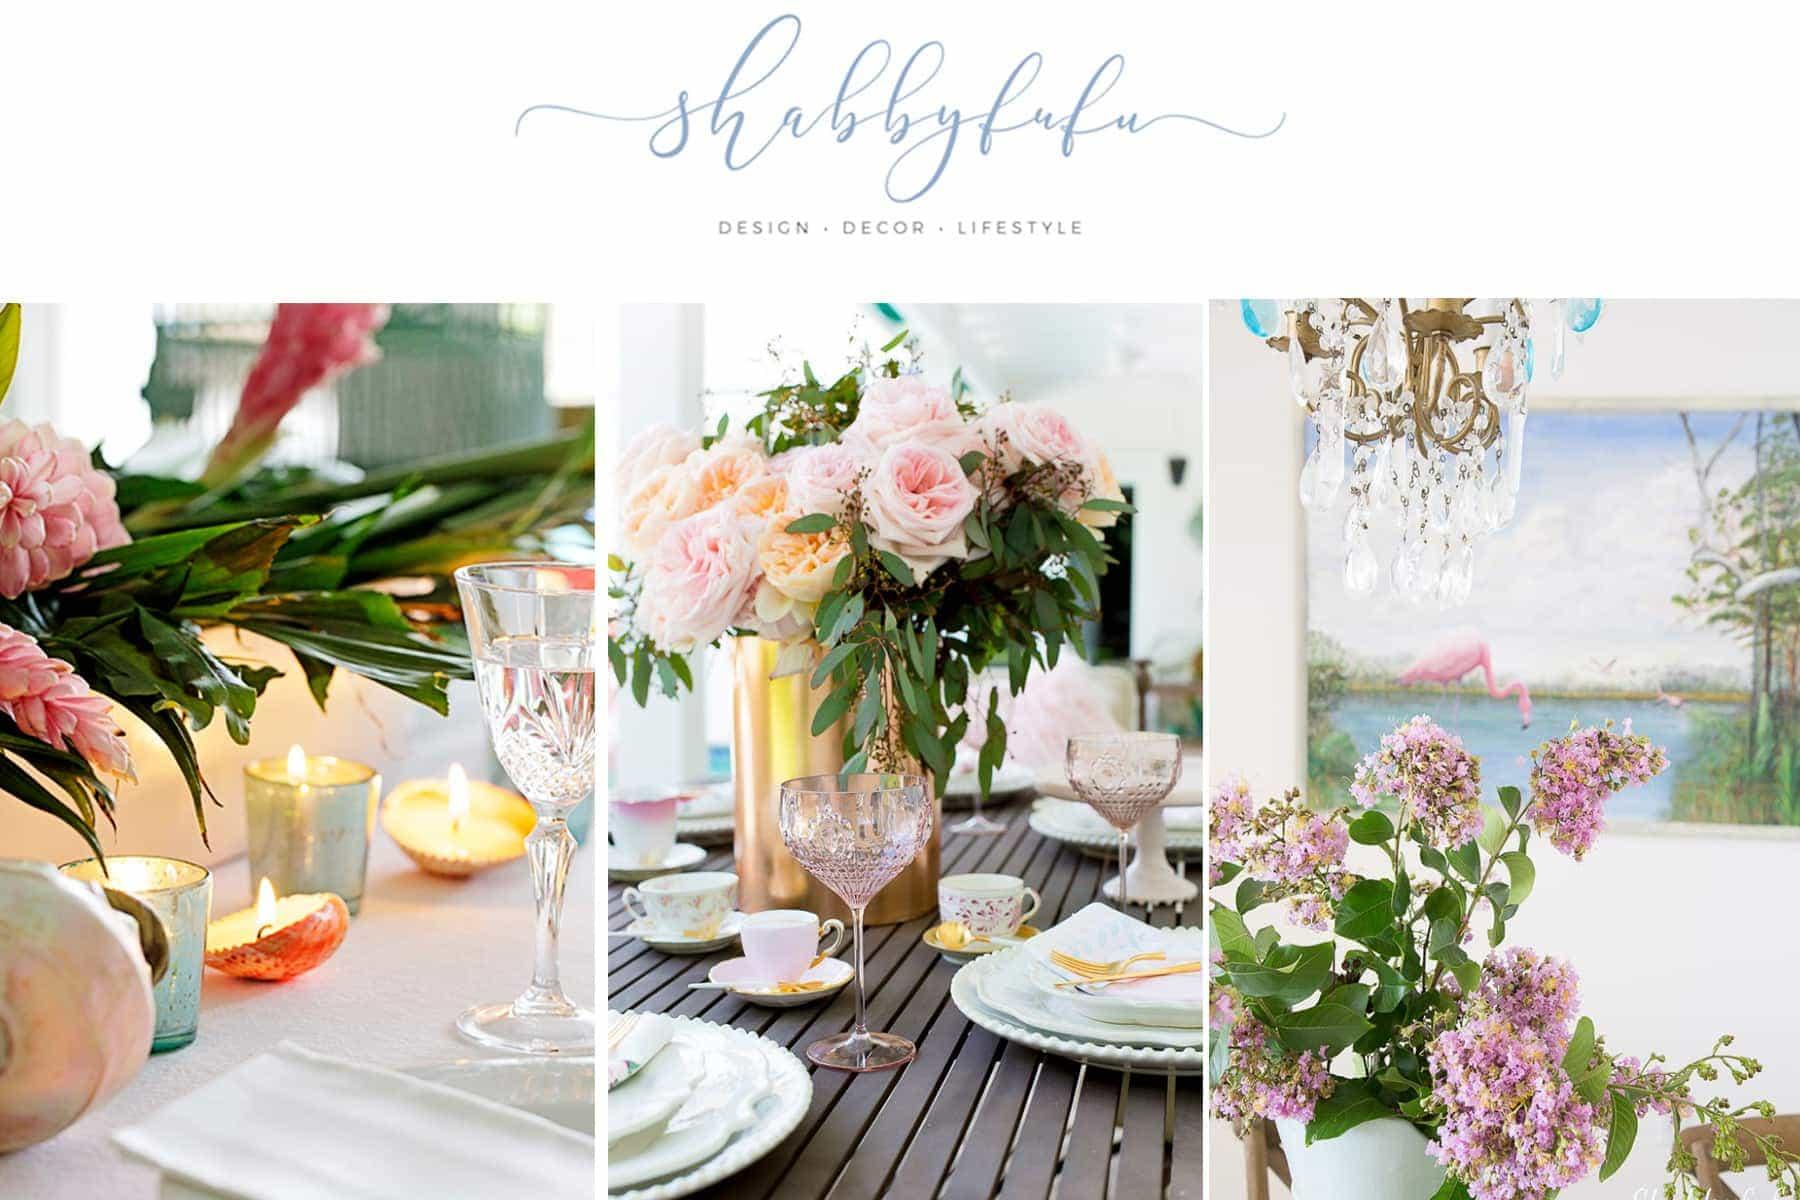 Style-Showcase-80-Shabbyfufu